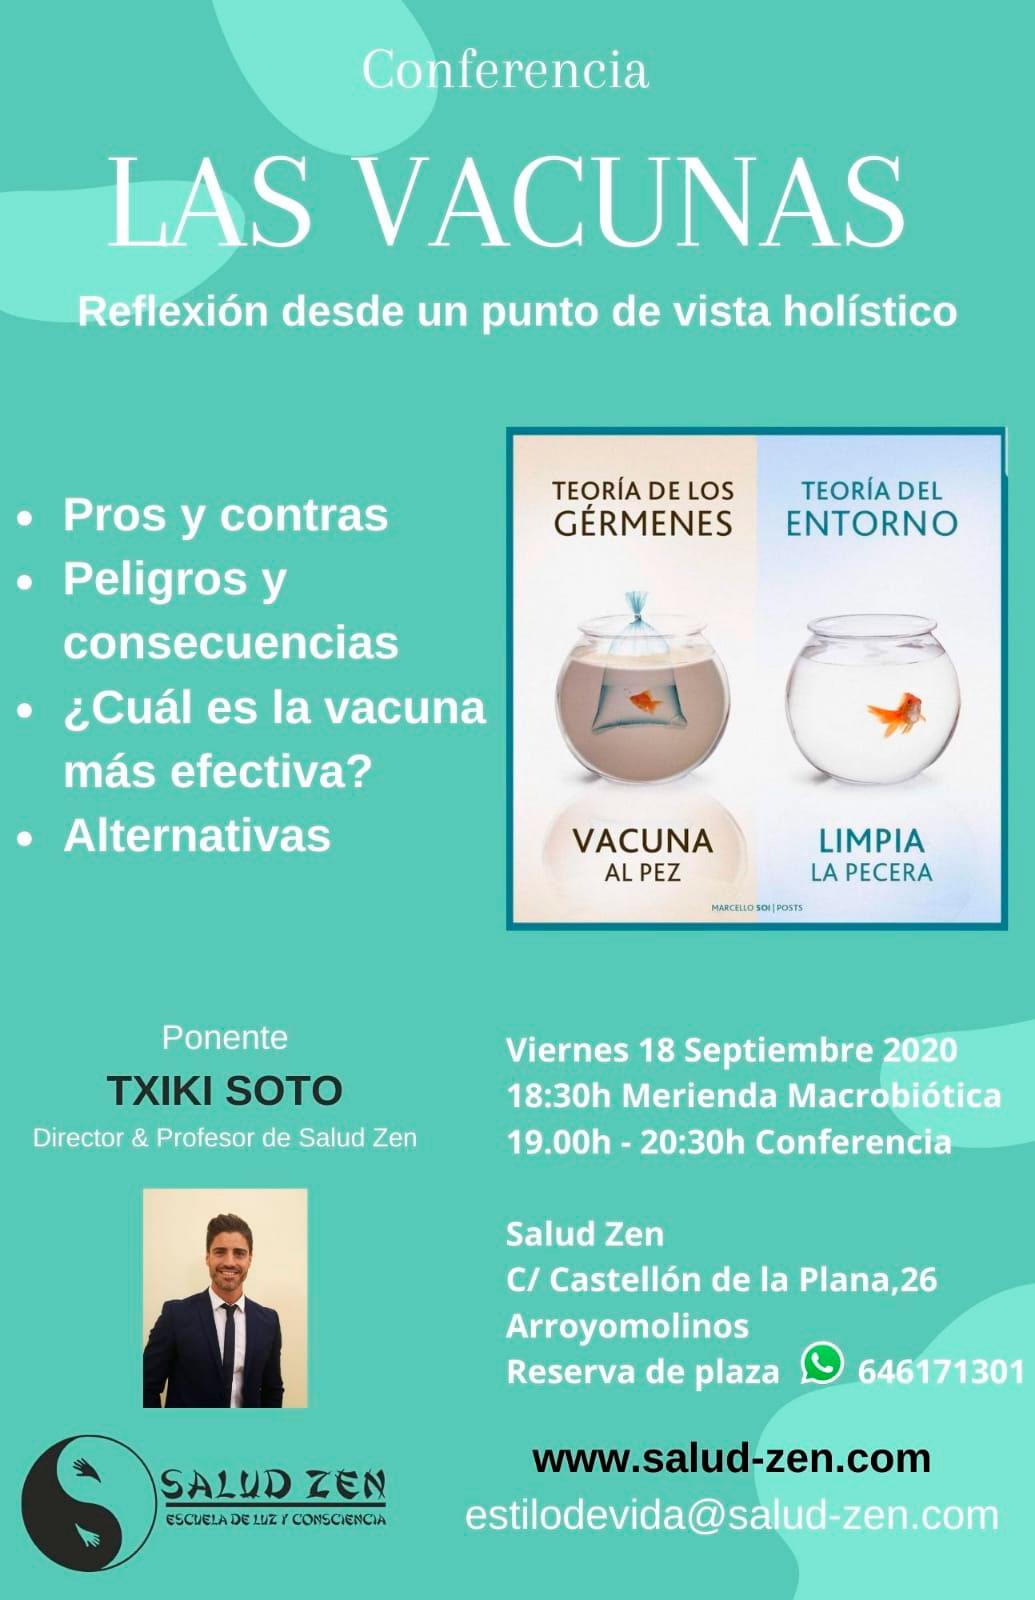 Conferencia - Las Vacunas. Reflexión desde un punto de vista holístico